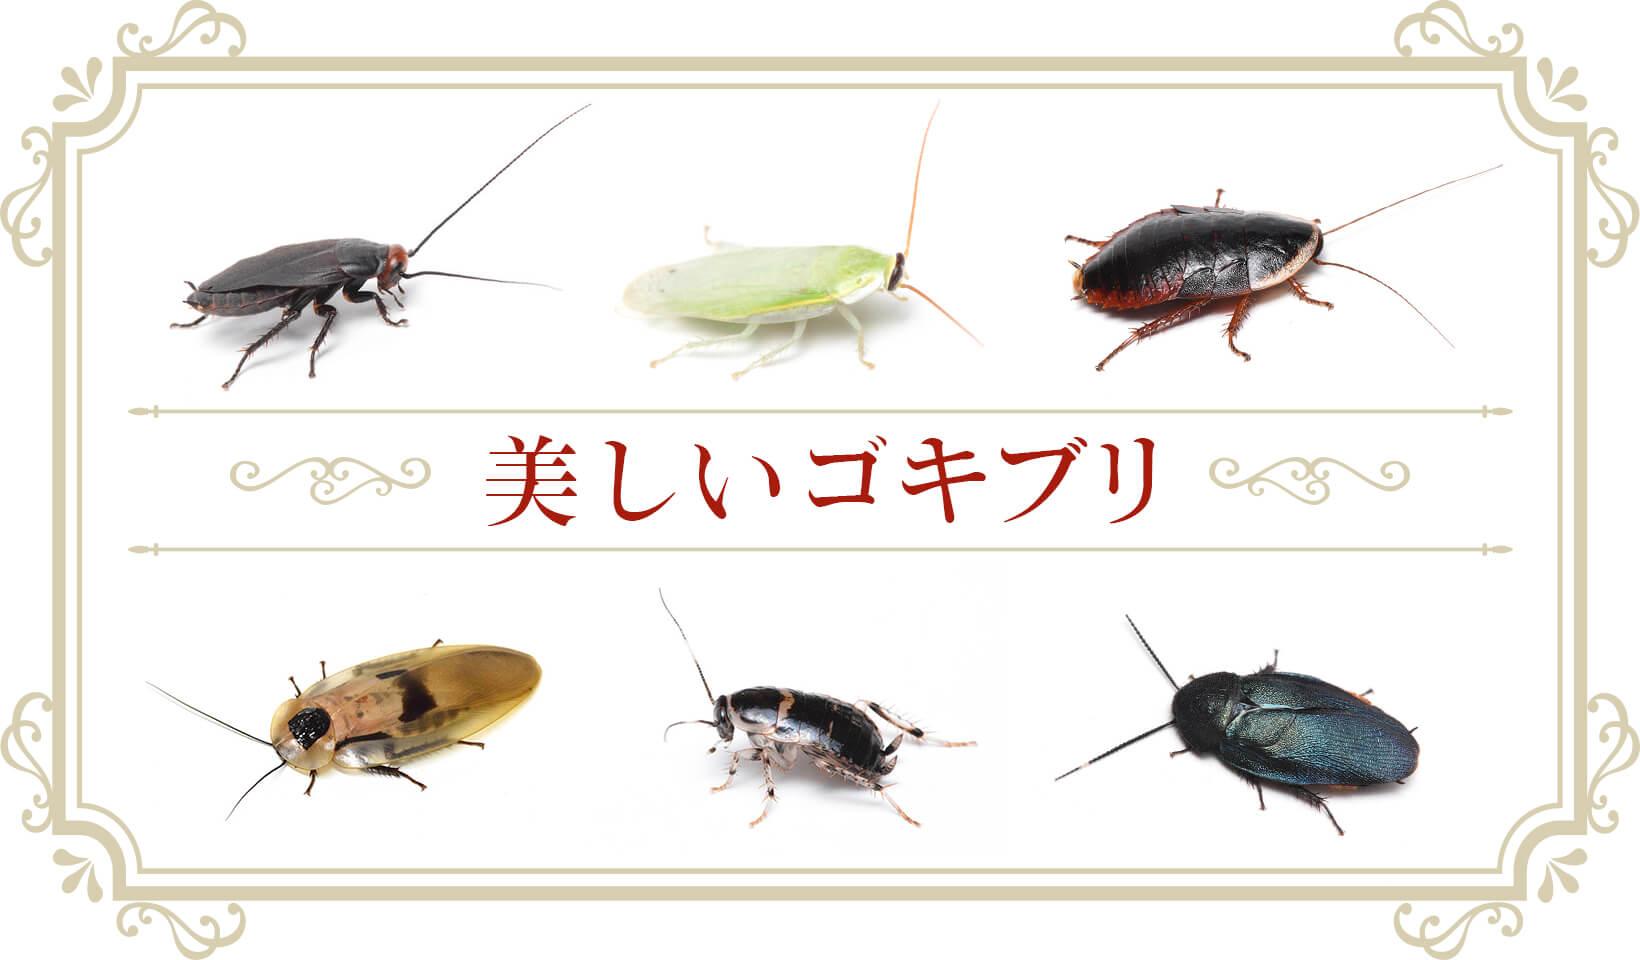 美しいゴキブリ オレンジヘッドビュレットローチ、グリーンバナナローチ、サツマゴキブリ、ブラベルスギガンテウス、フタテンコバネゴキブリ、ルリゴキブリ